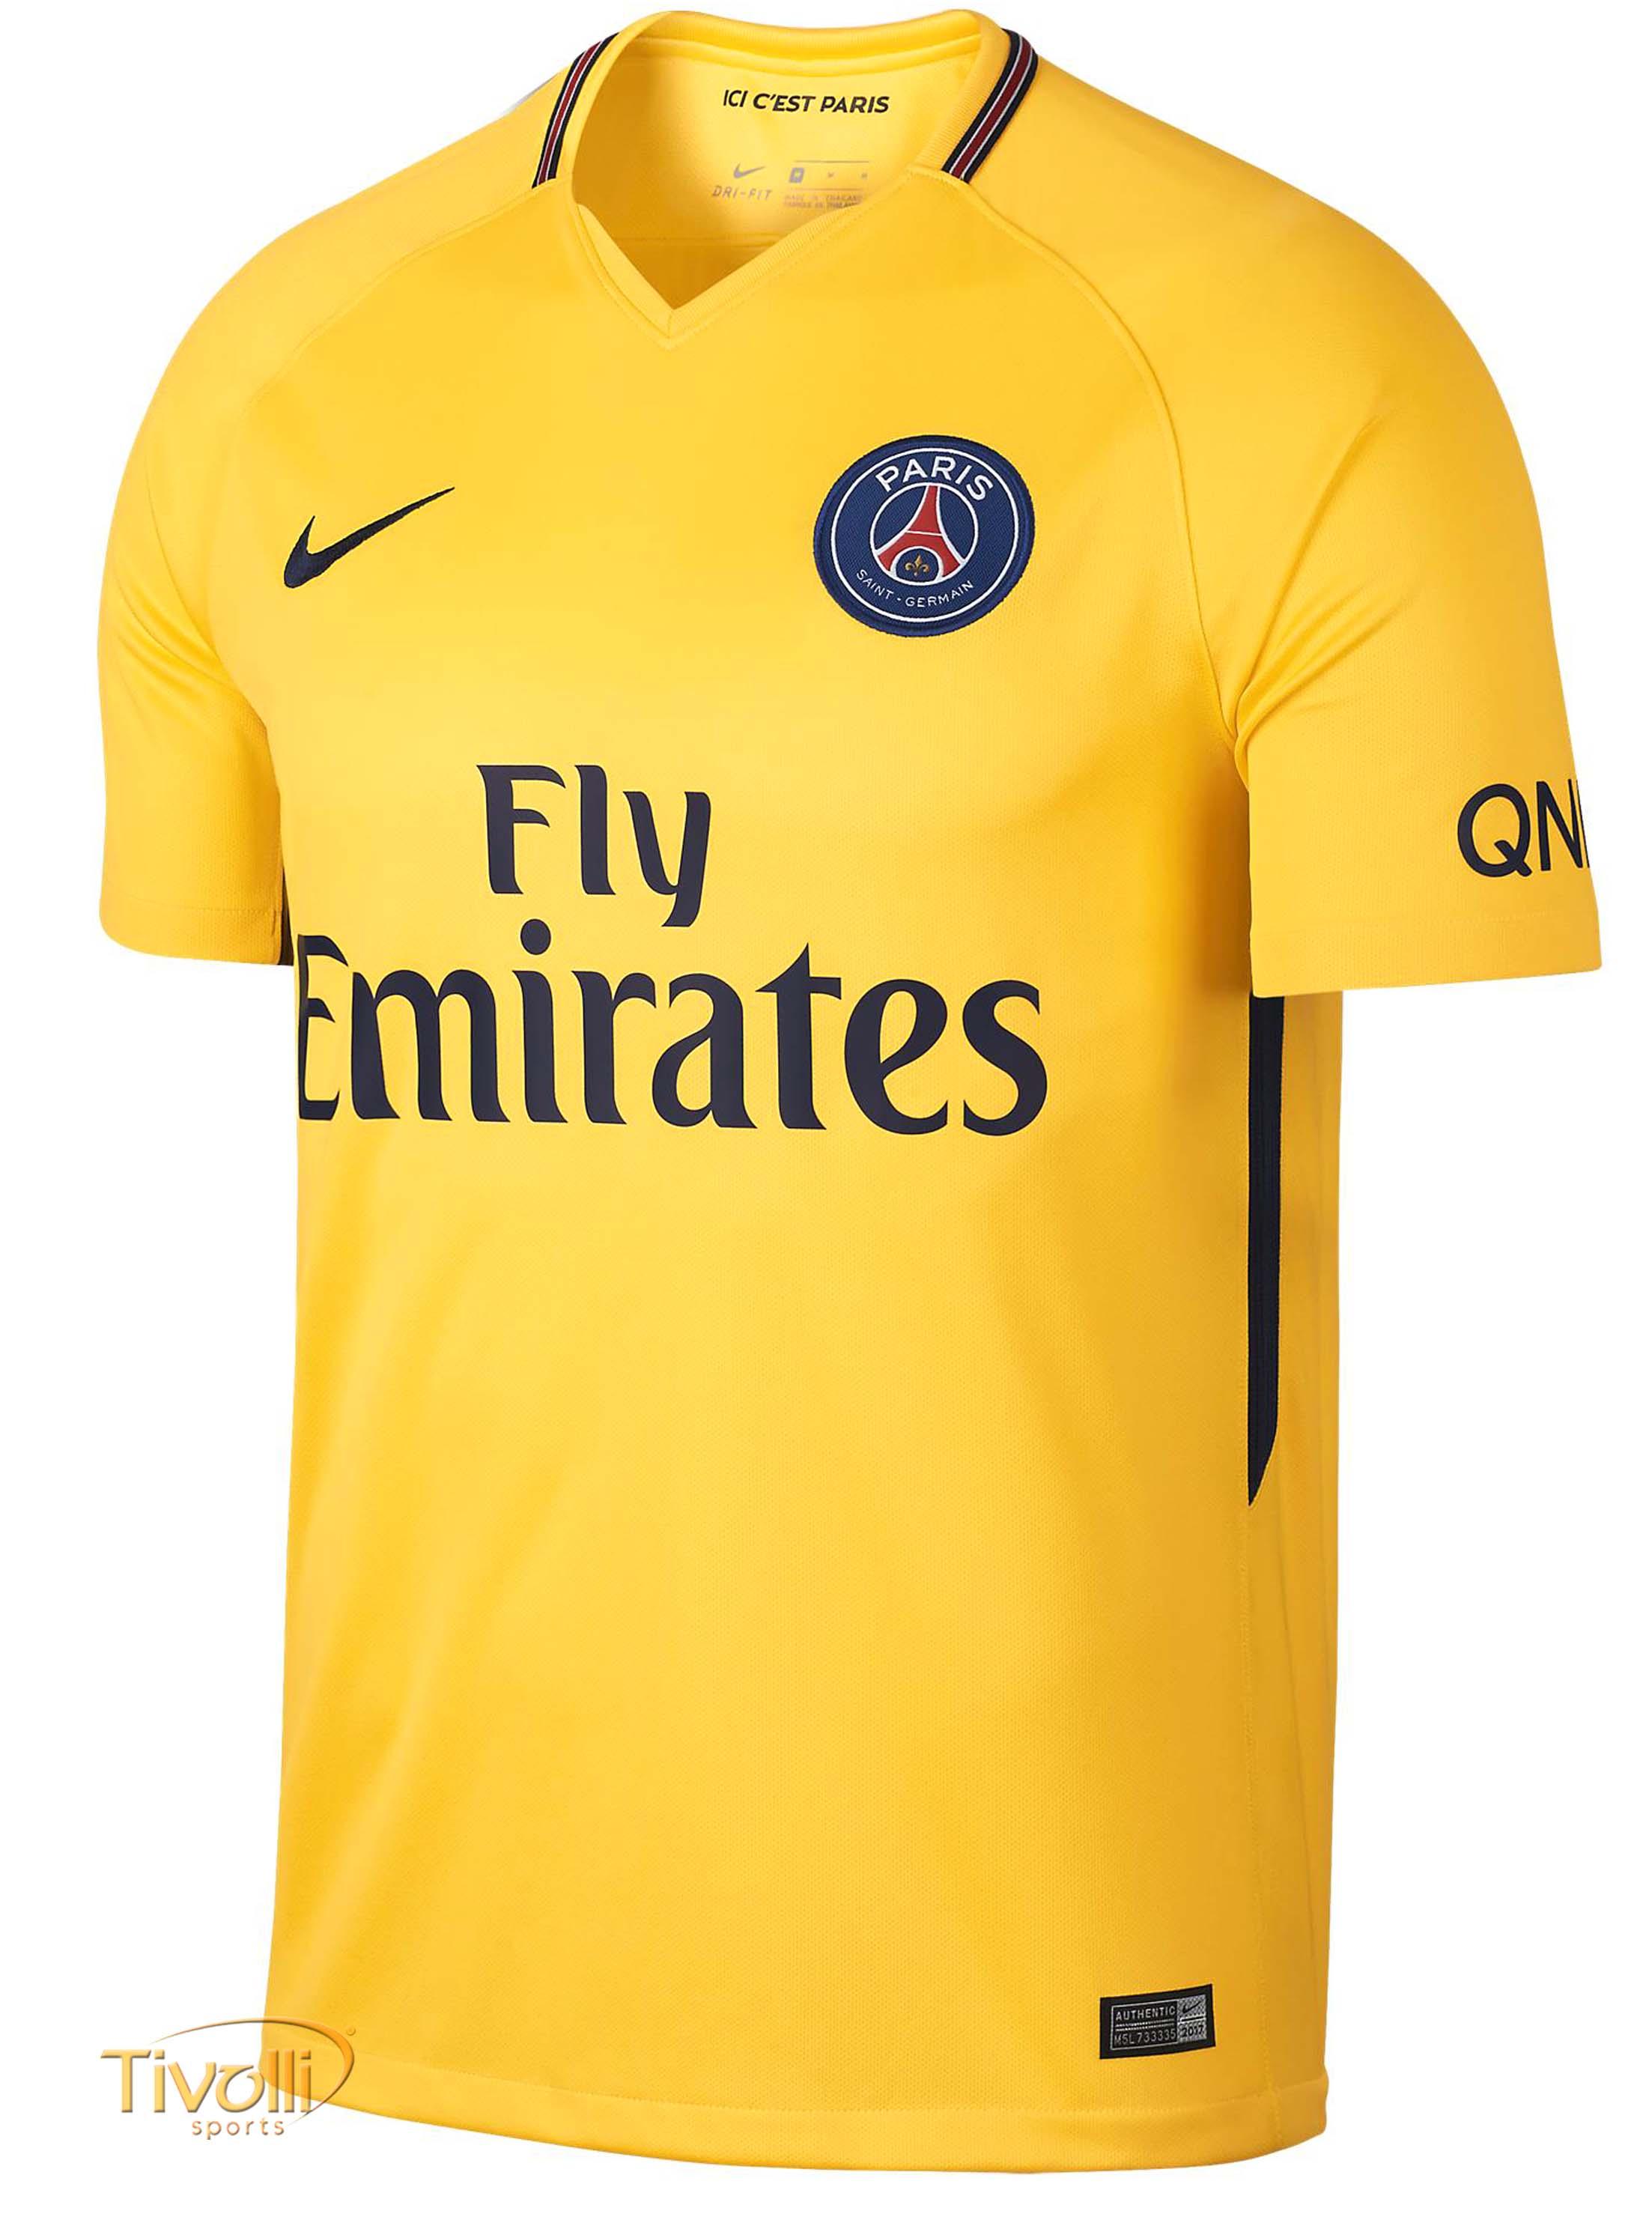 b1491ac1f Camisa Paris Saint-Germain PSG 2017 2018 II Away Nike Infantil Amarela